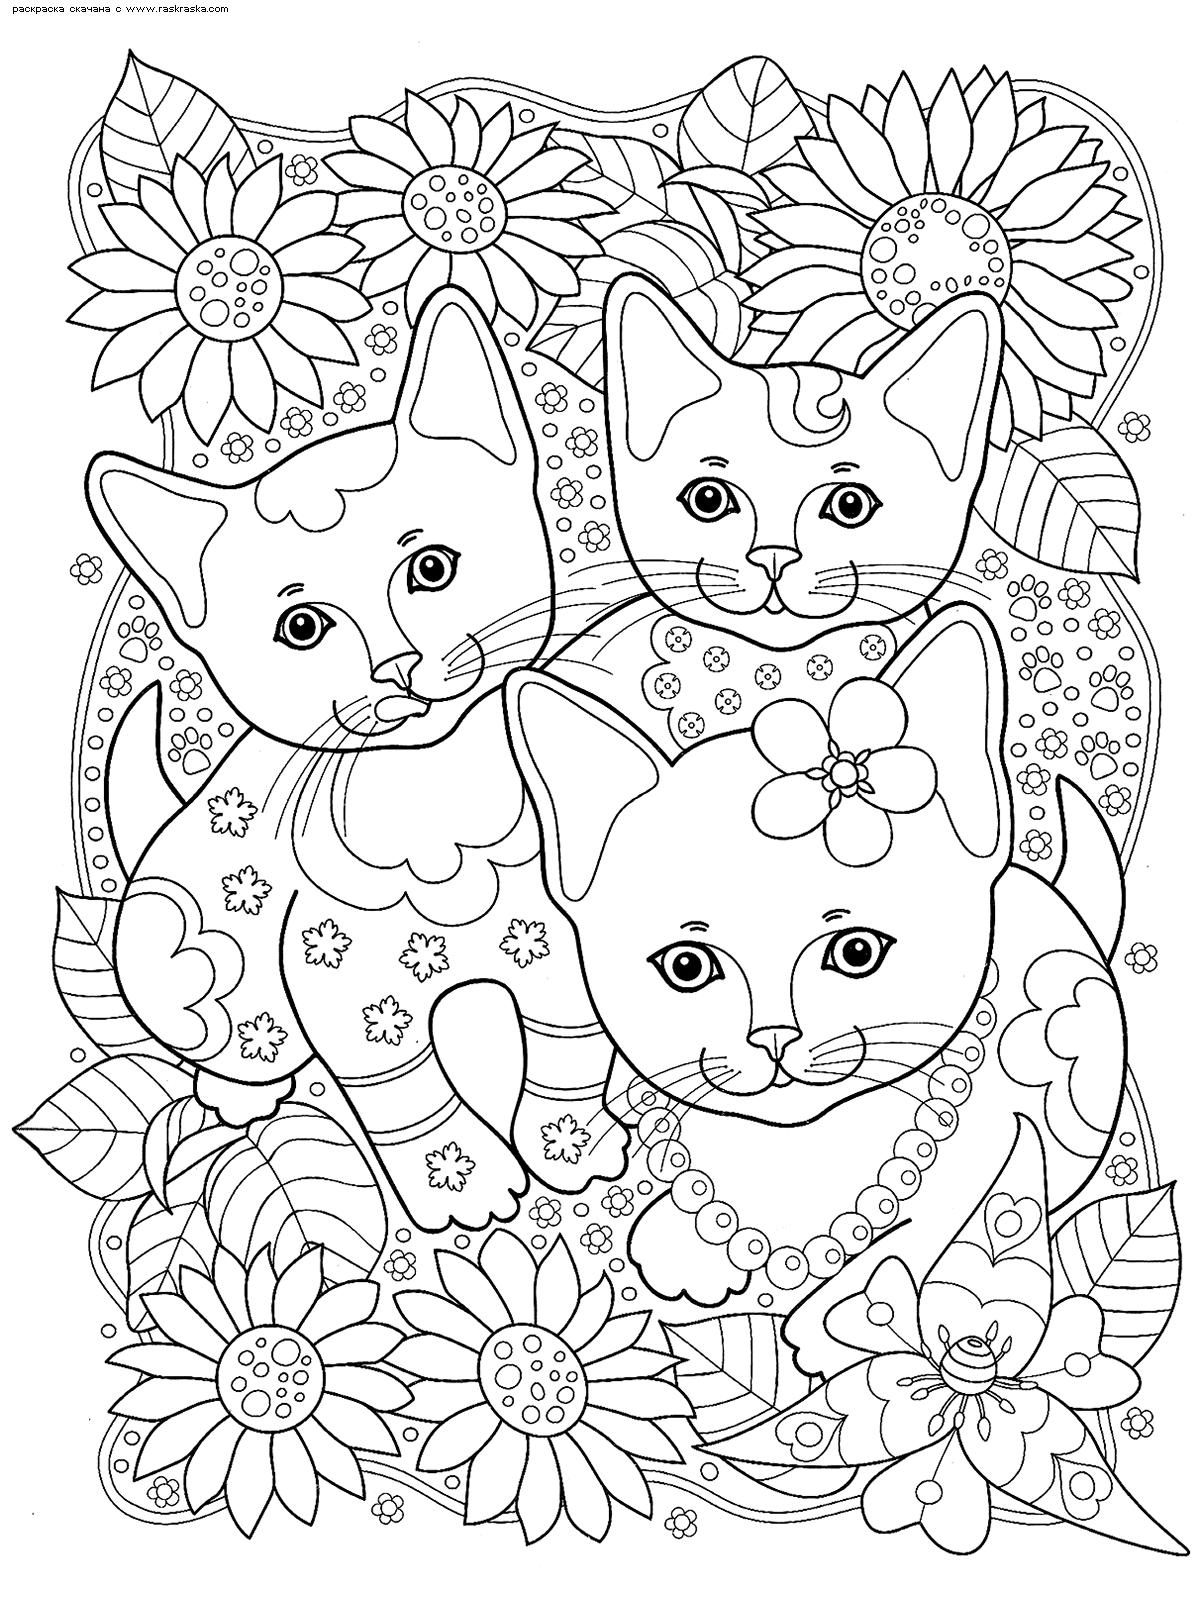 Раскраска Котята в саду | Раскраски антистресс Кошки ...